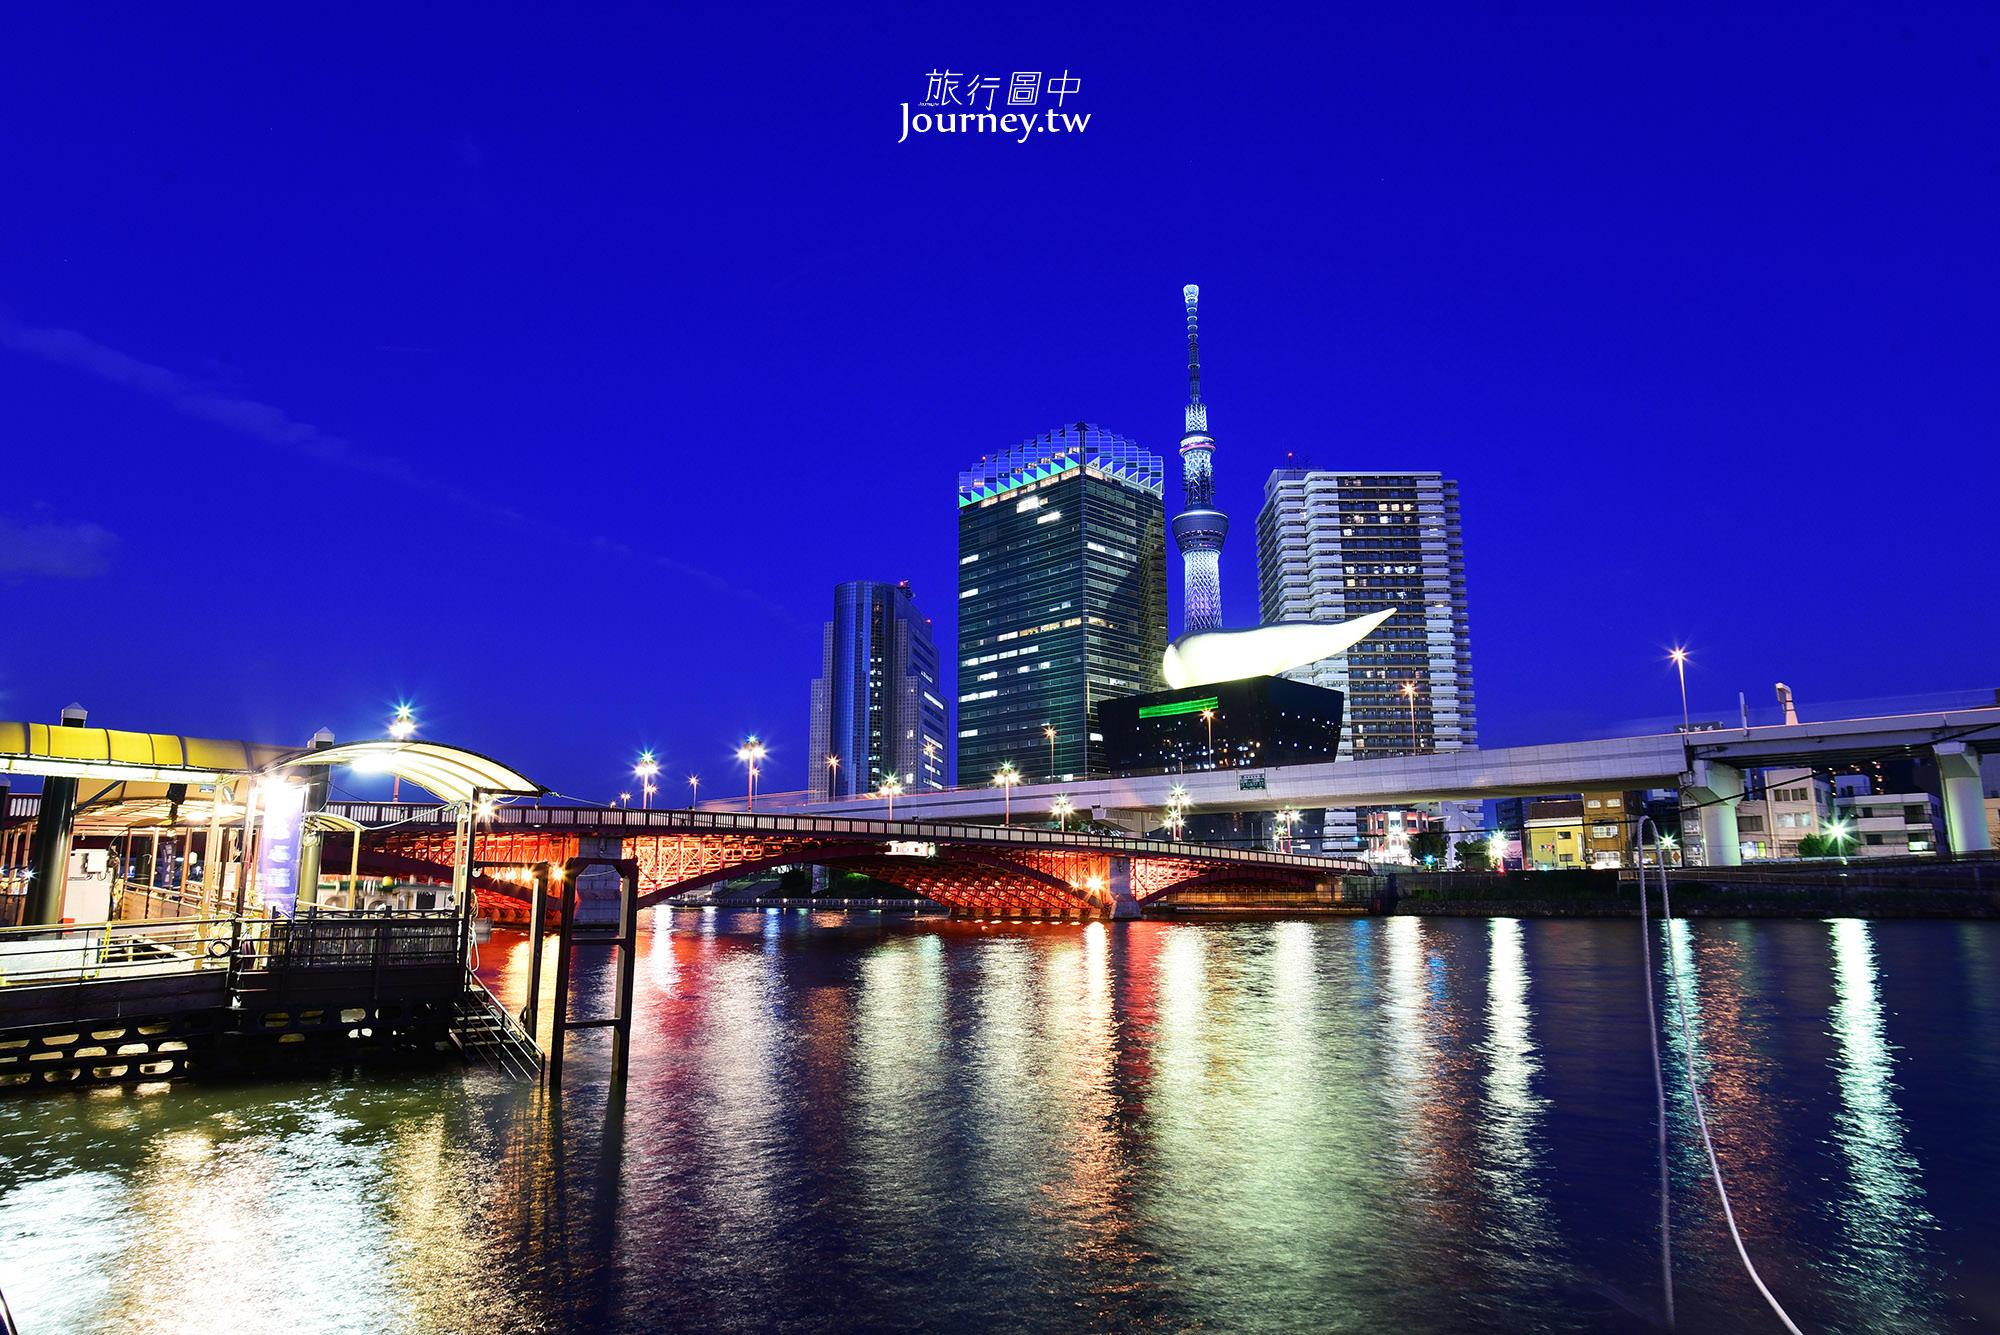 日本,東京,淺草,隅田川,東京夜景